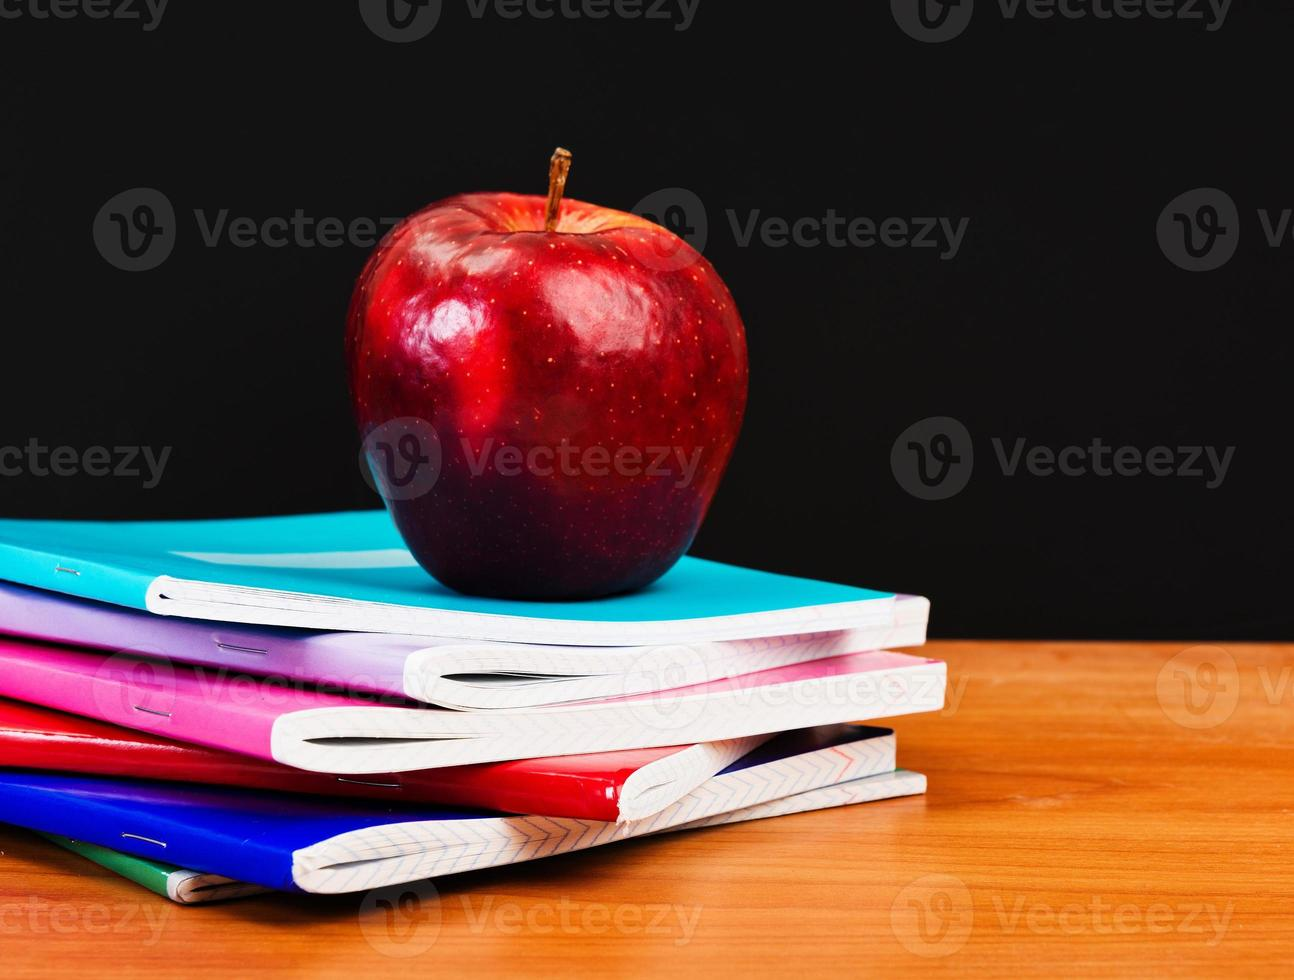 Zubehör für Schüler und Schüler. foto